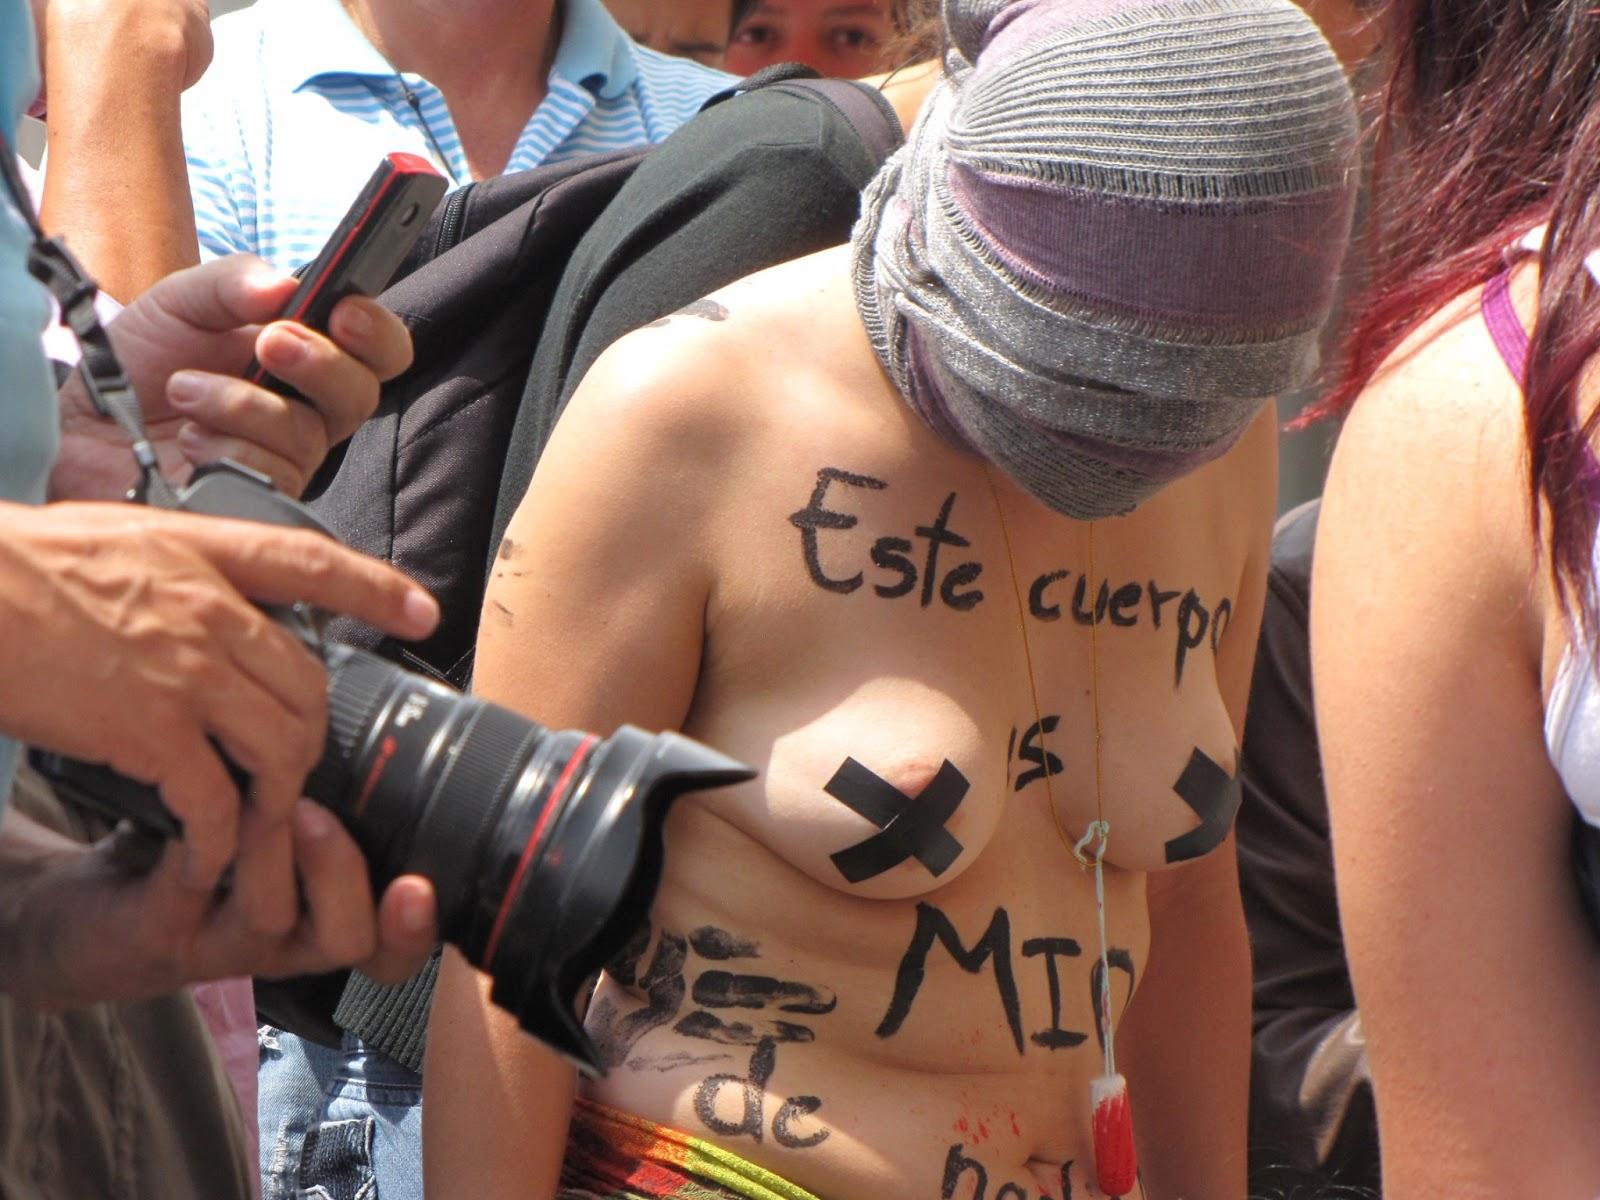 numeros de putas venezolanas cazador